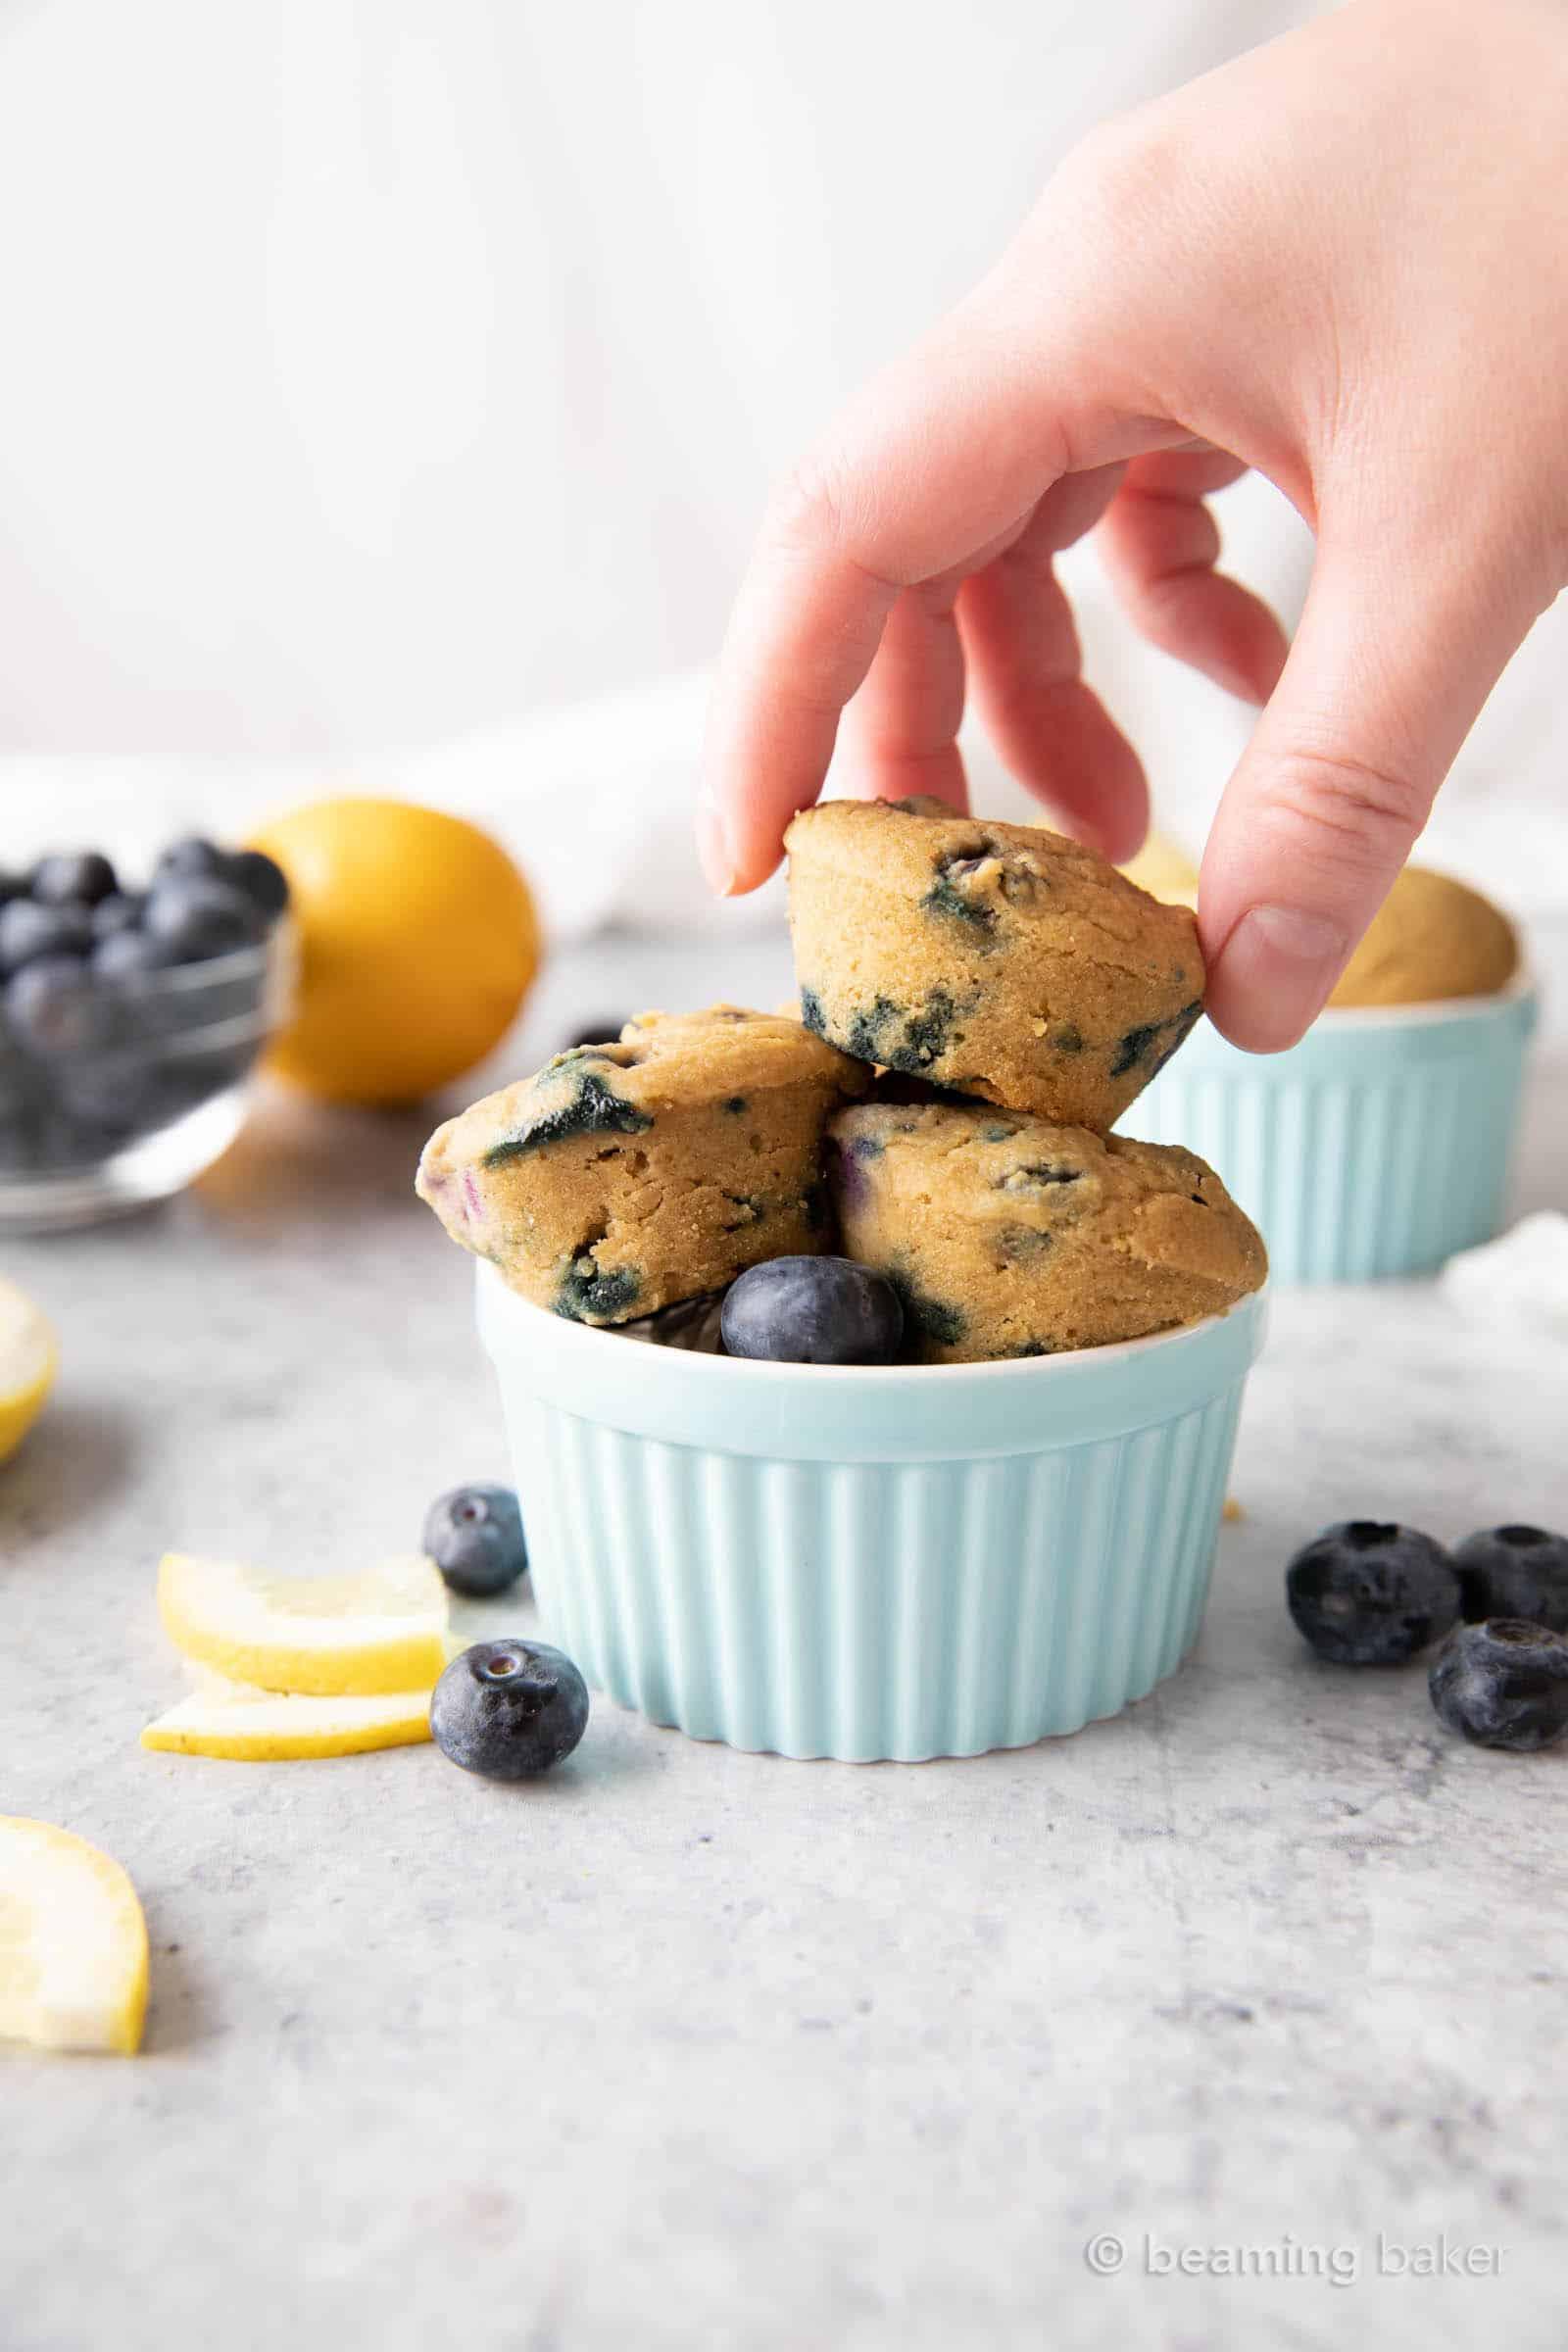 Mini Vegan Lemon Blueberry Muffins: super cute, mini-sized moist vegan lemon blueberry muffins. Bright blueberry & fresh lemon flavor packed into tiny vegan muffins! #Vegan #Lemon #Blueberry #Muffins   Recipe at BeamingBaker.com